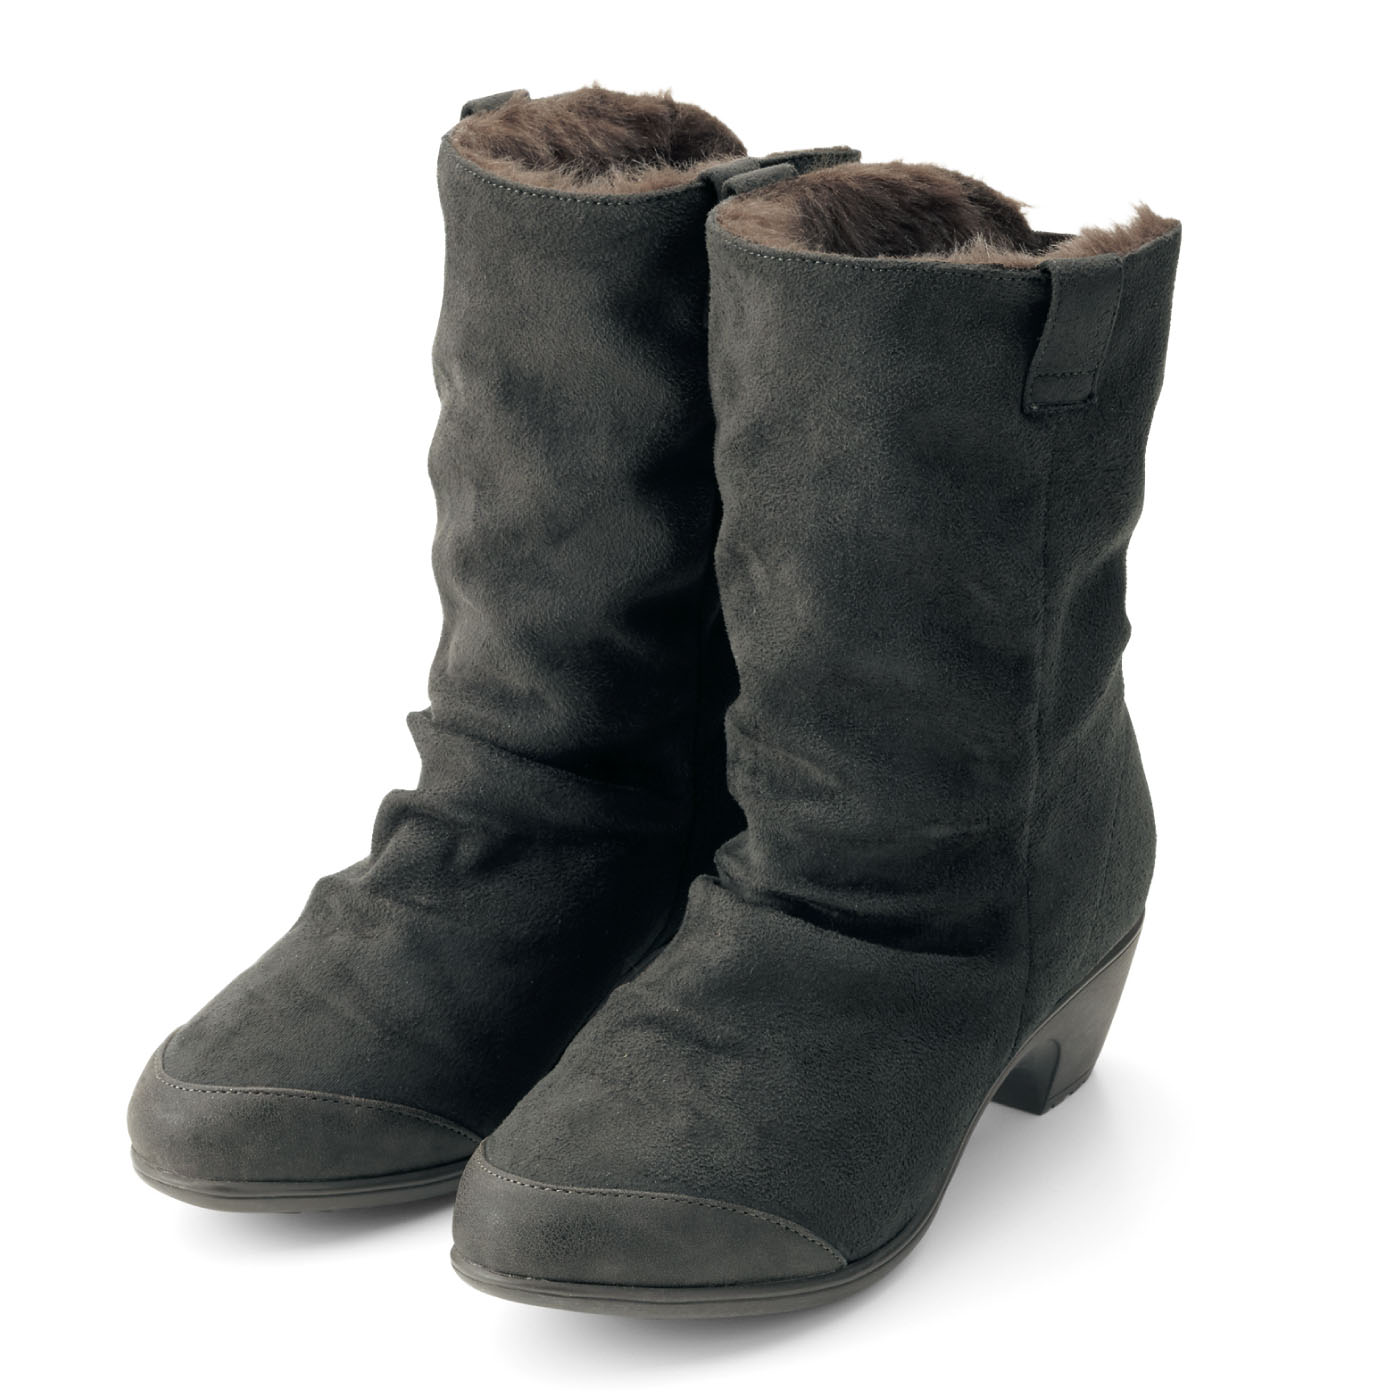 つま先部分は合成皮革使用。汚れにくく、小足に見せる効果も。